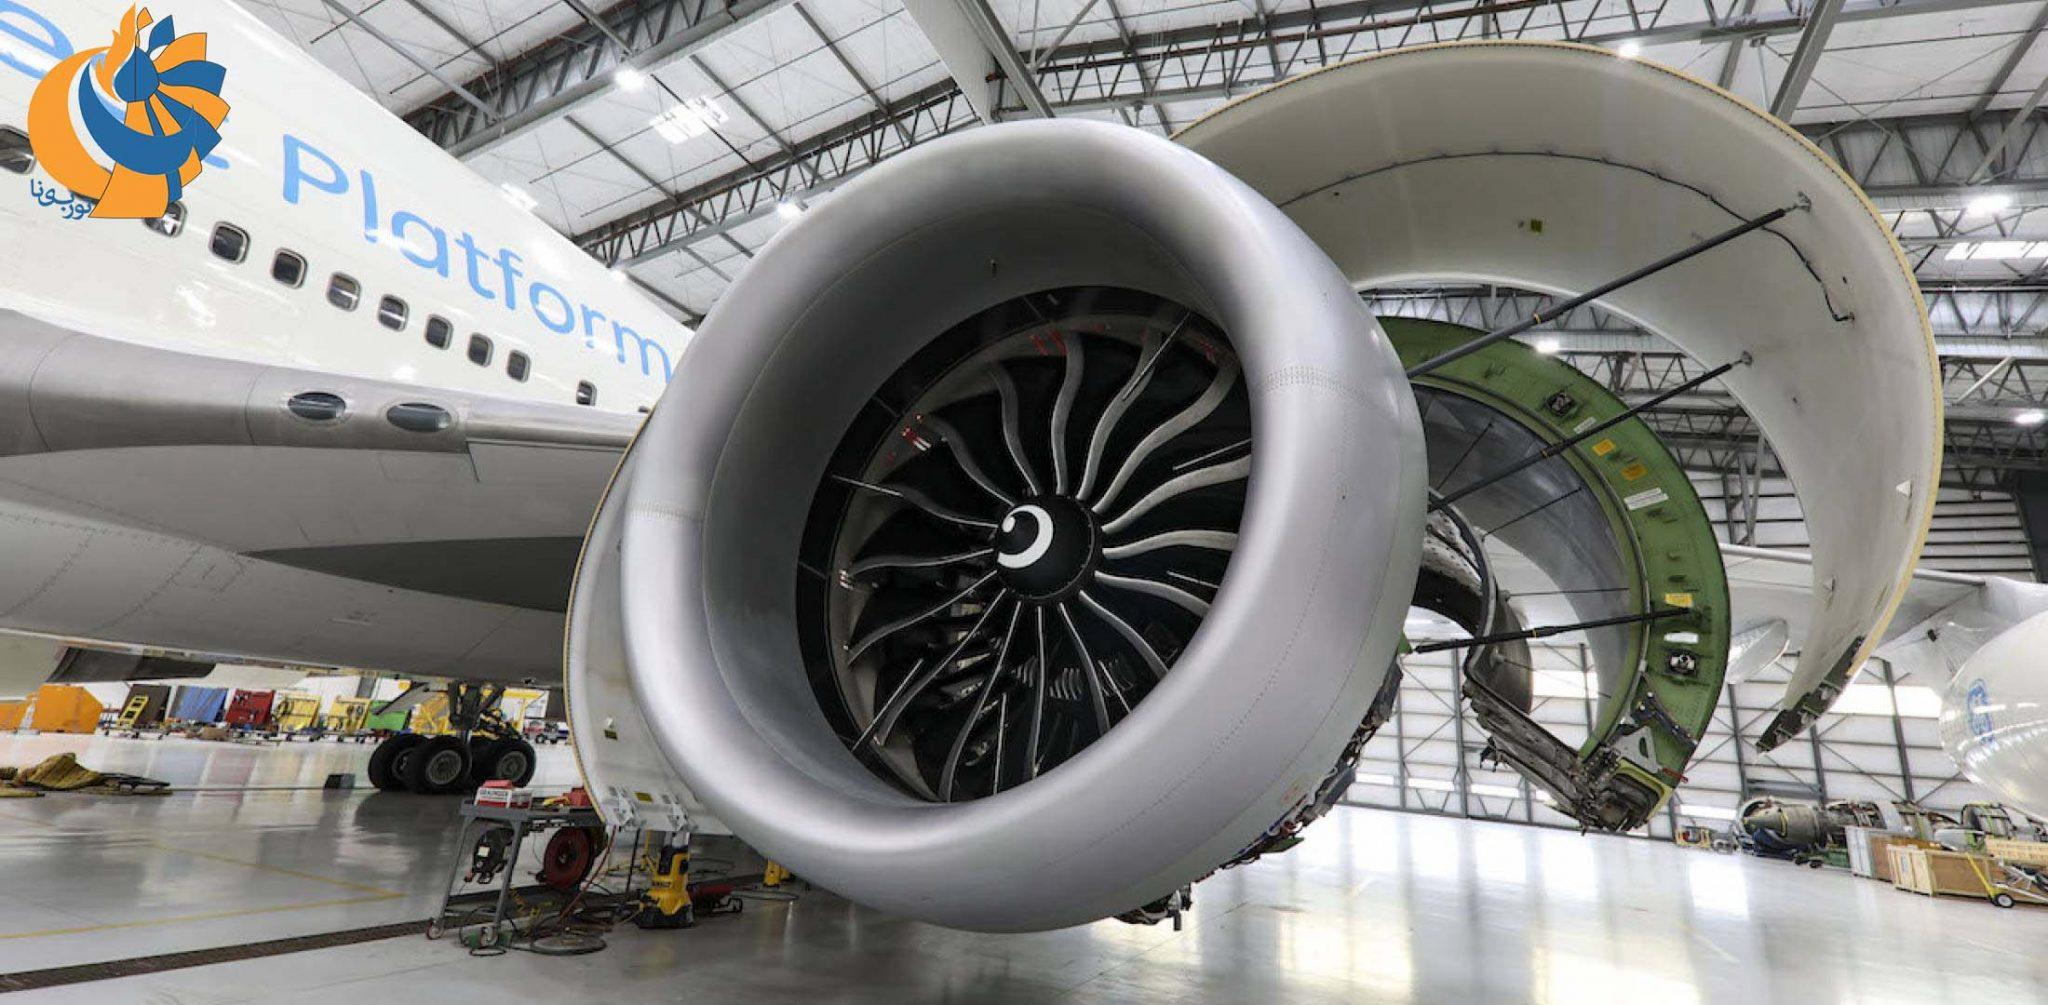 ثبت رکورد قدرتمندترین موتور هوایی جهان [فیلم]